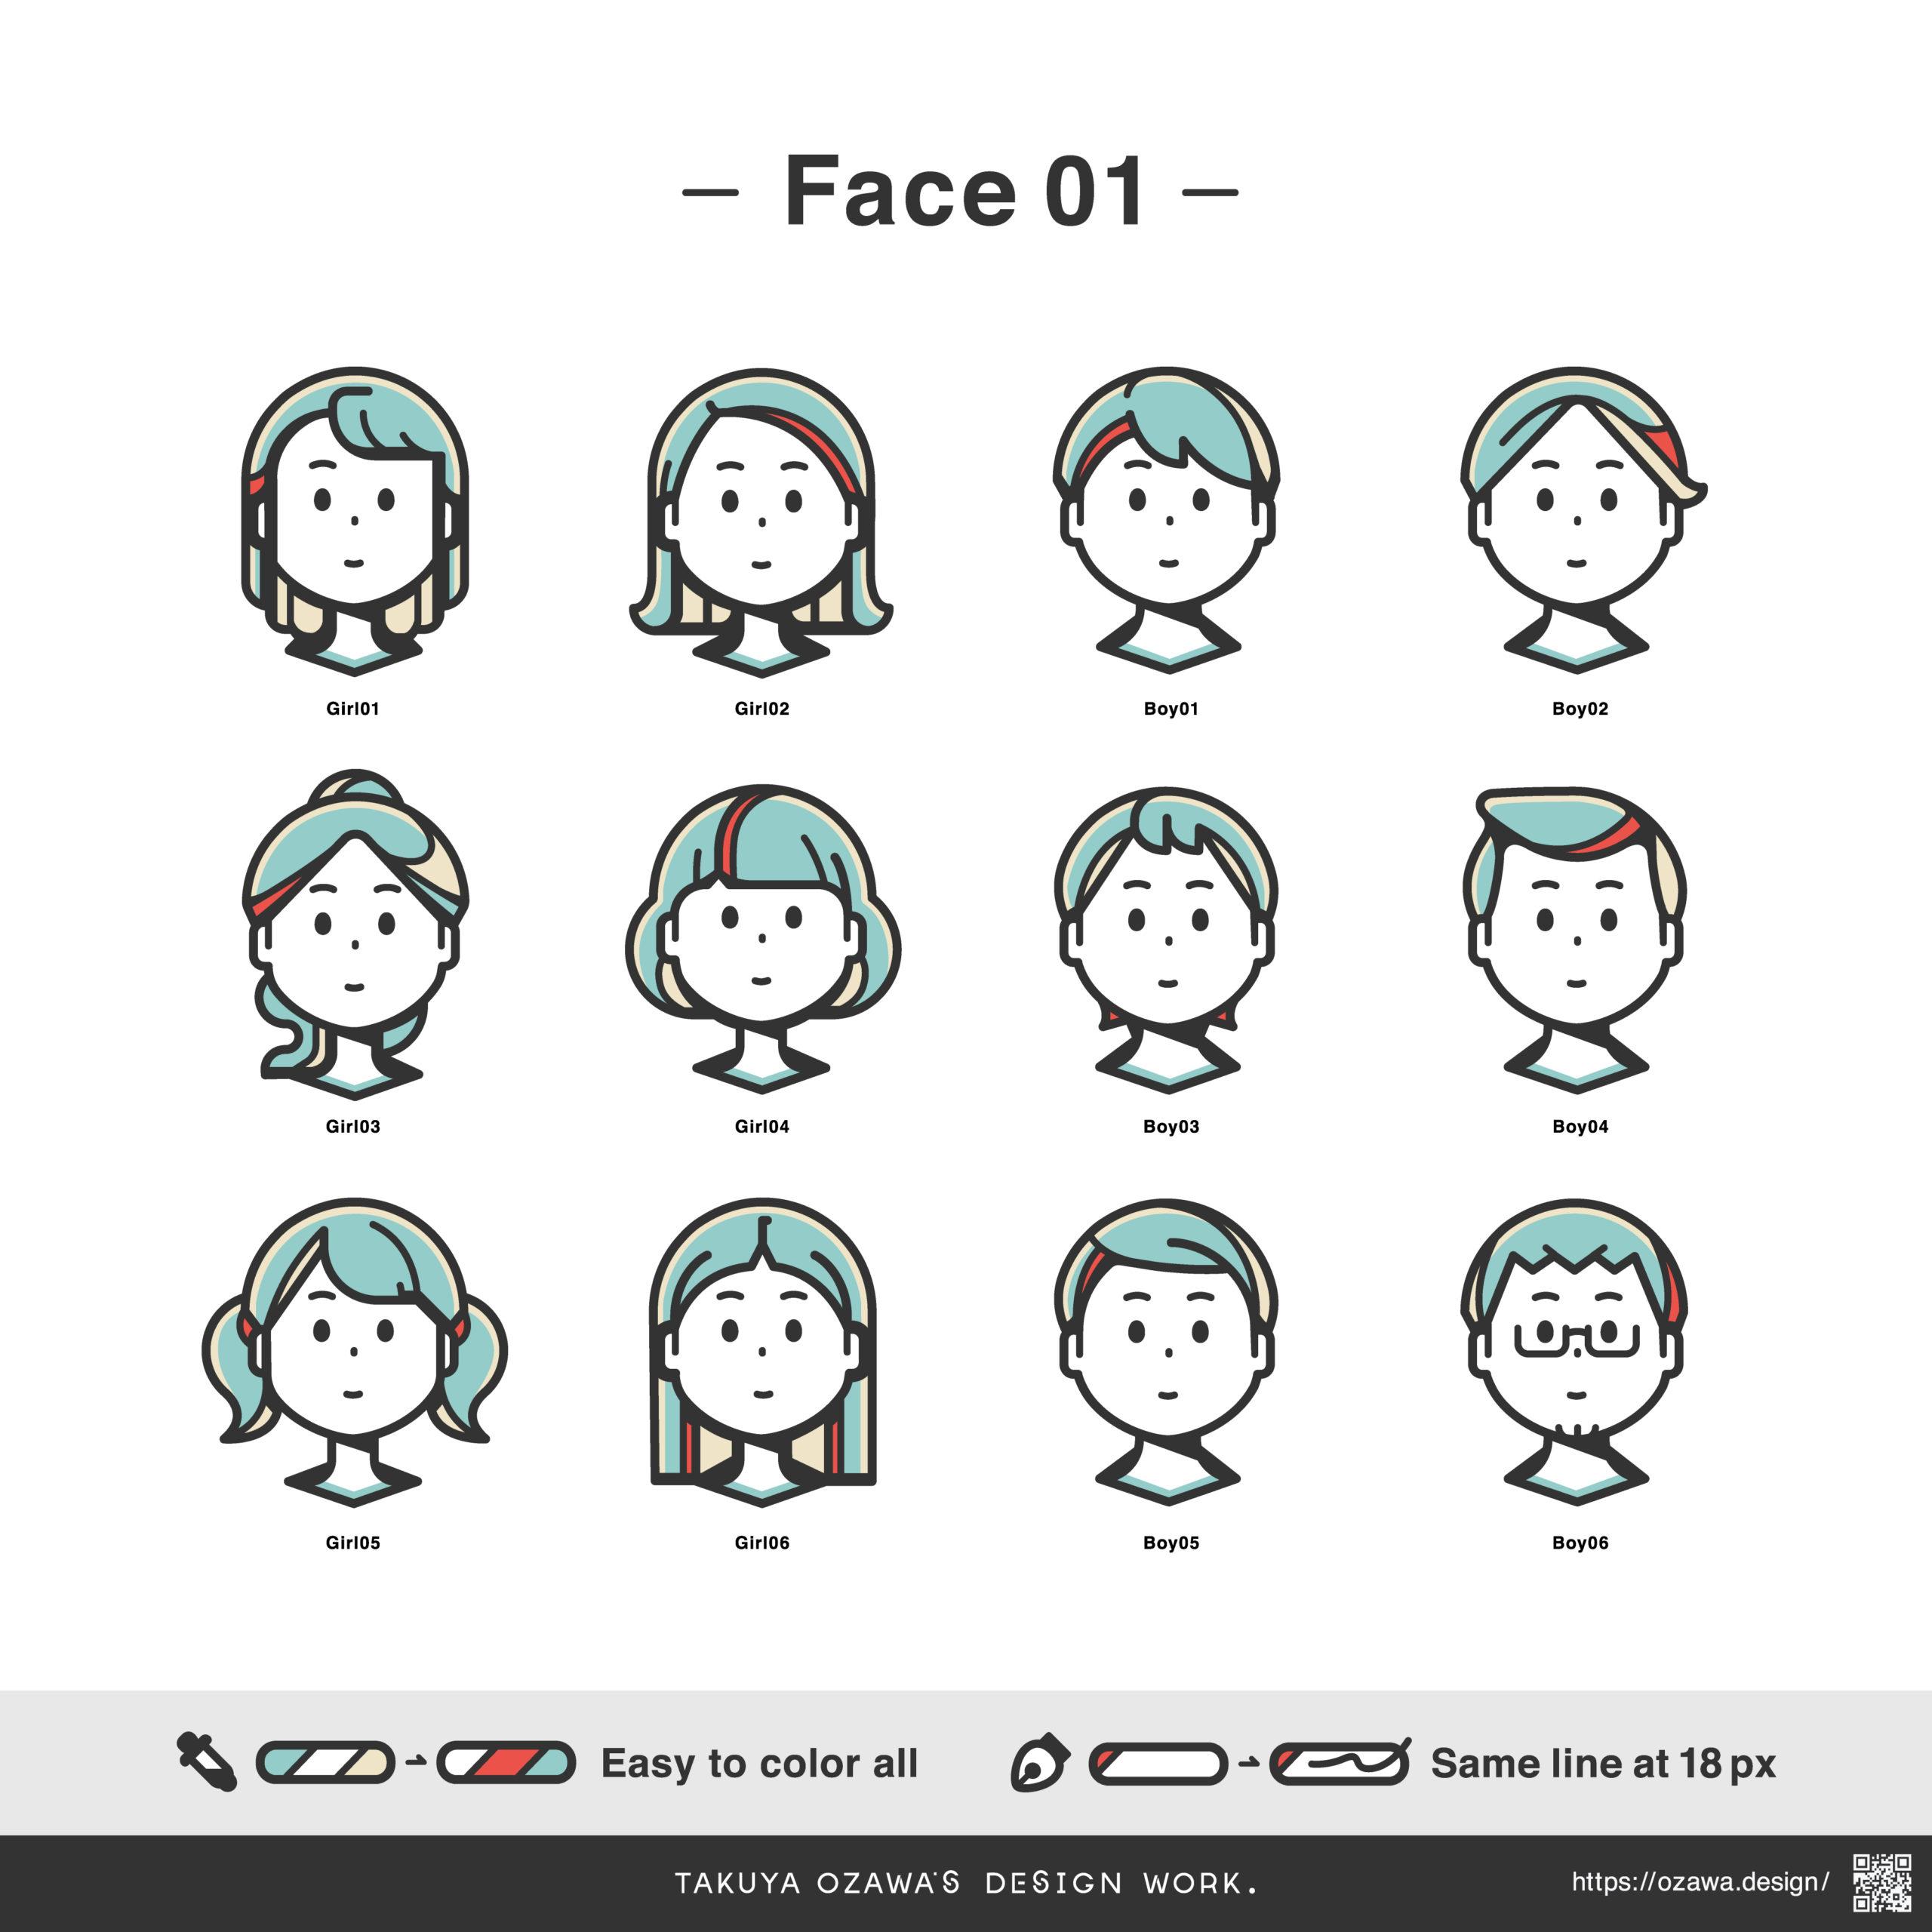 イラスト素材「Face01」